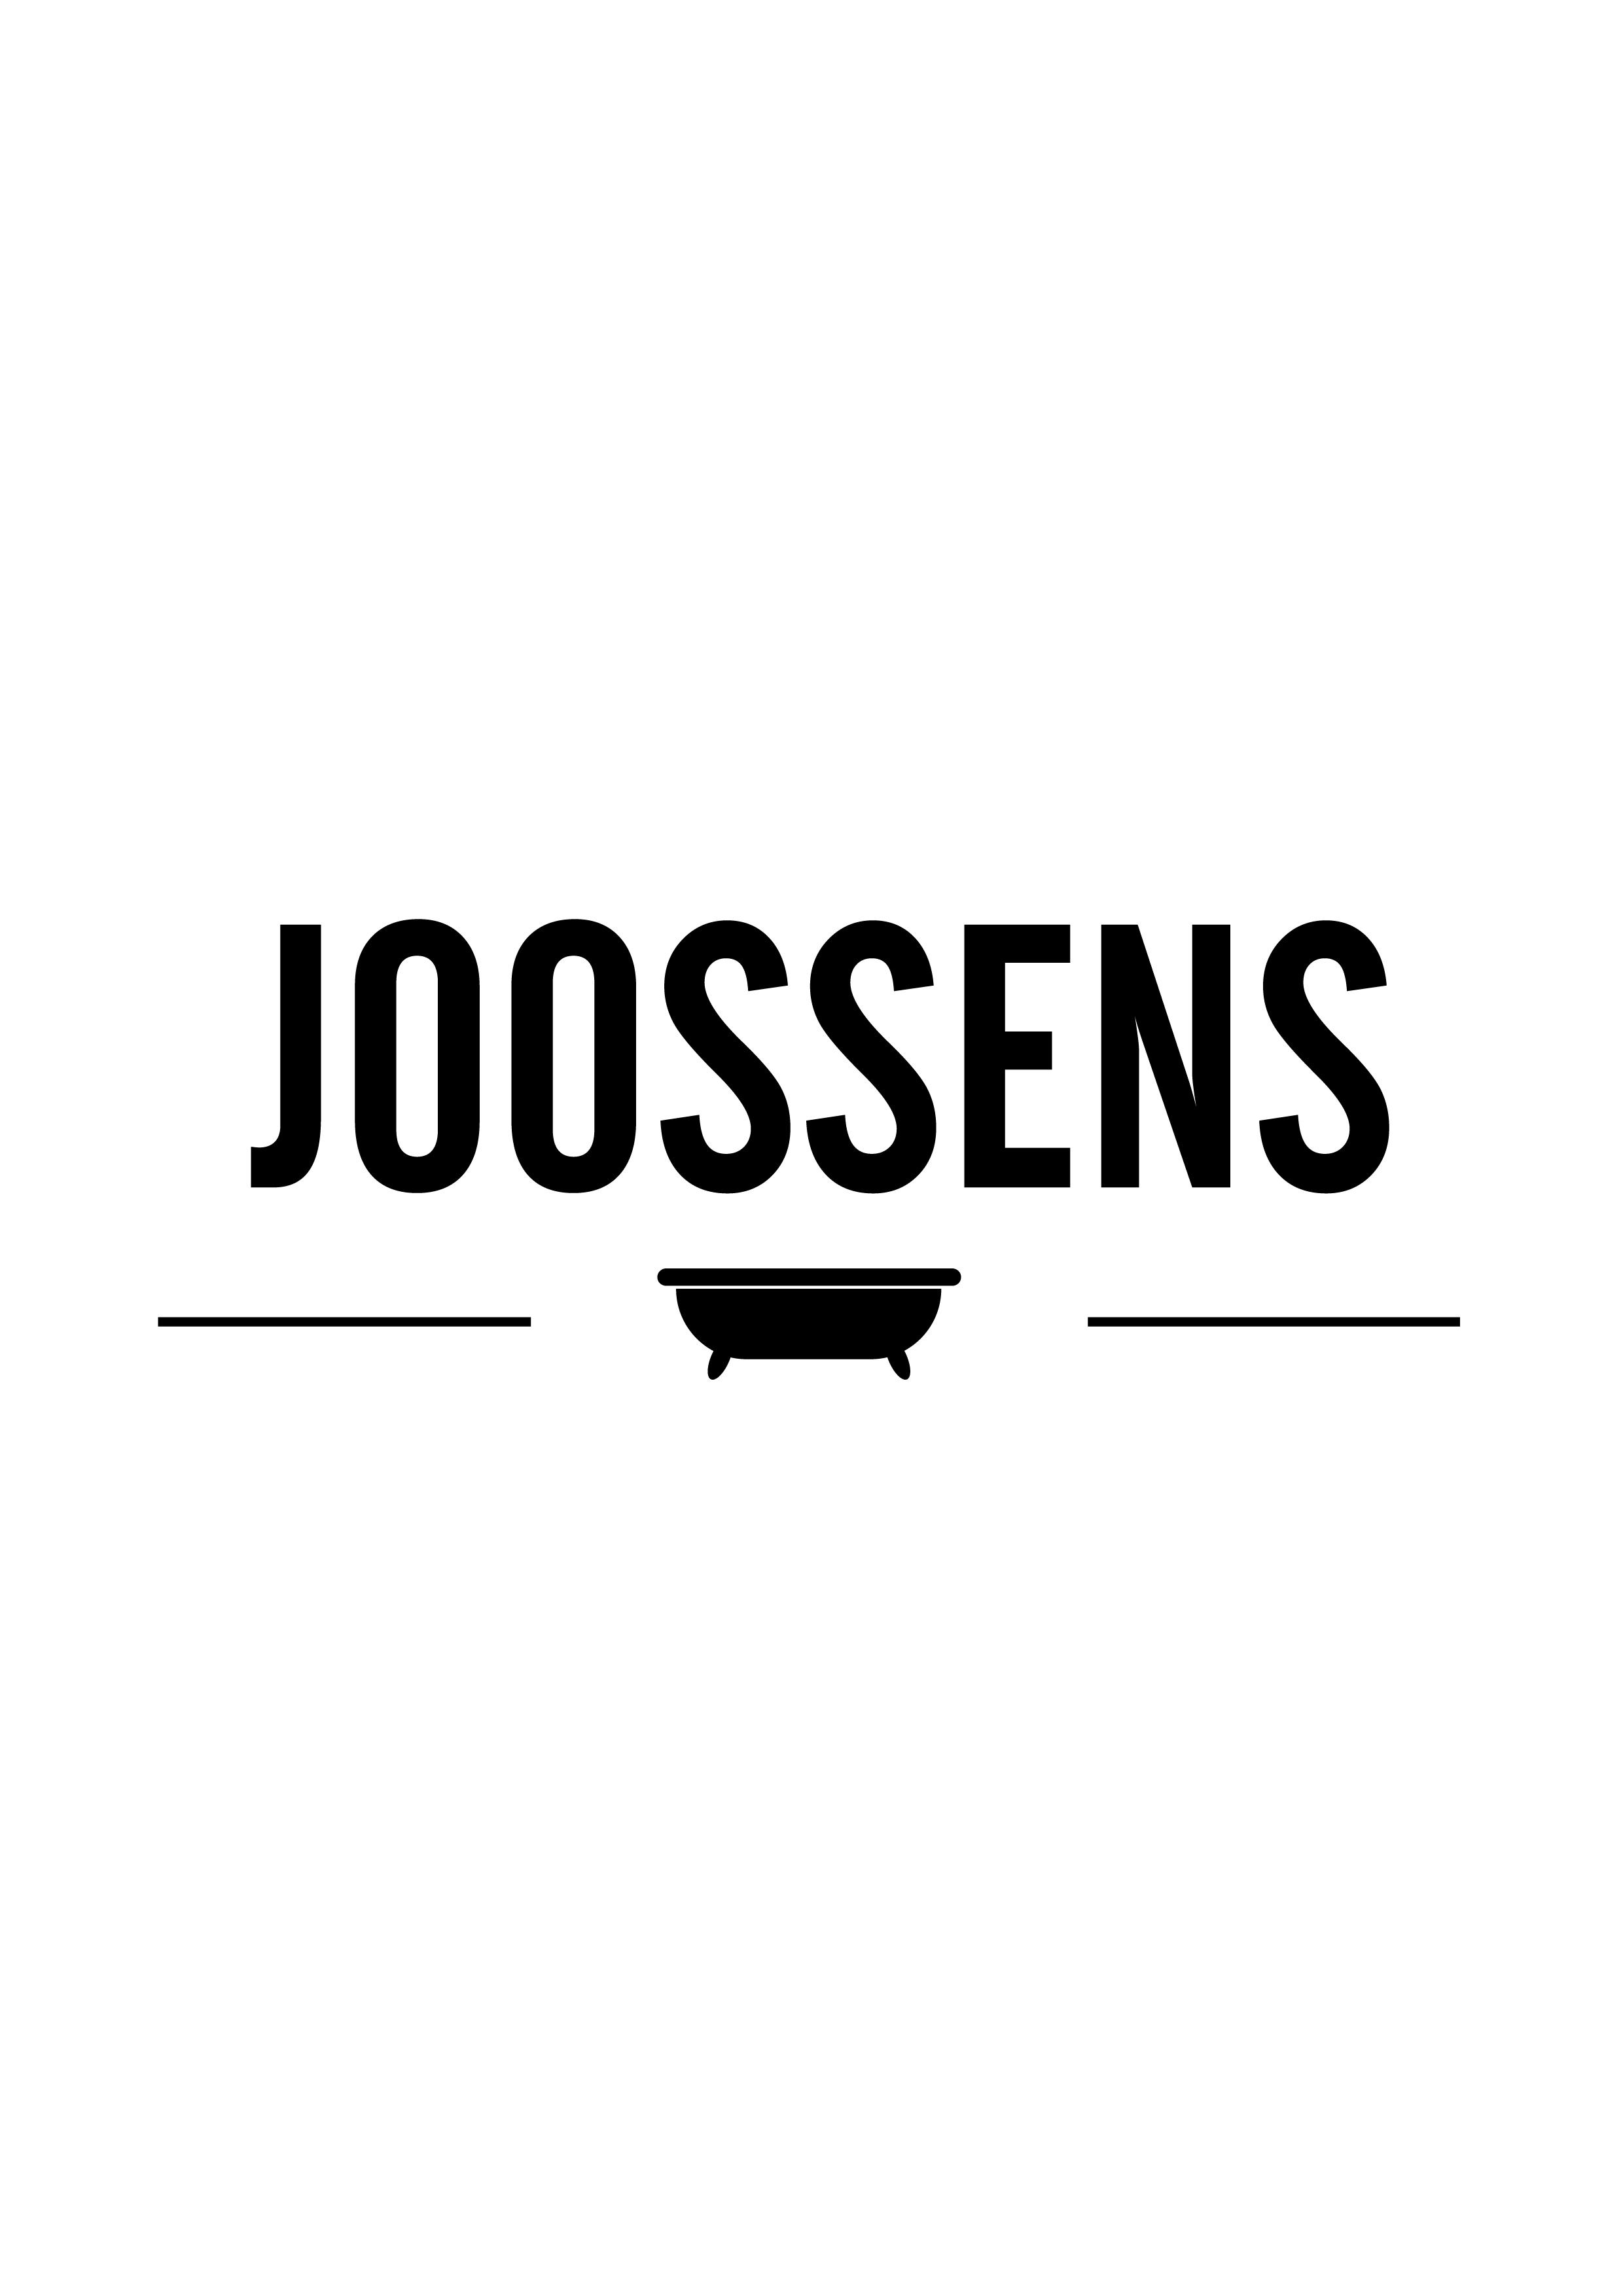 joossens